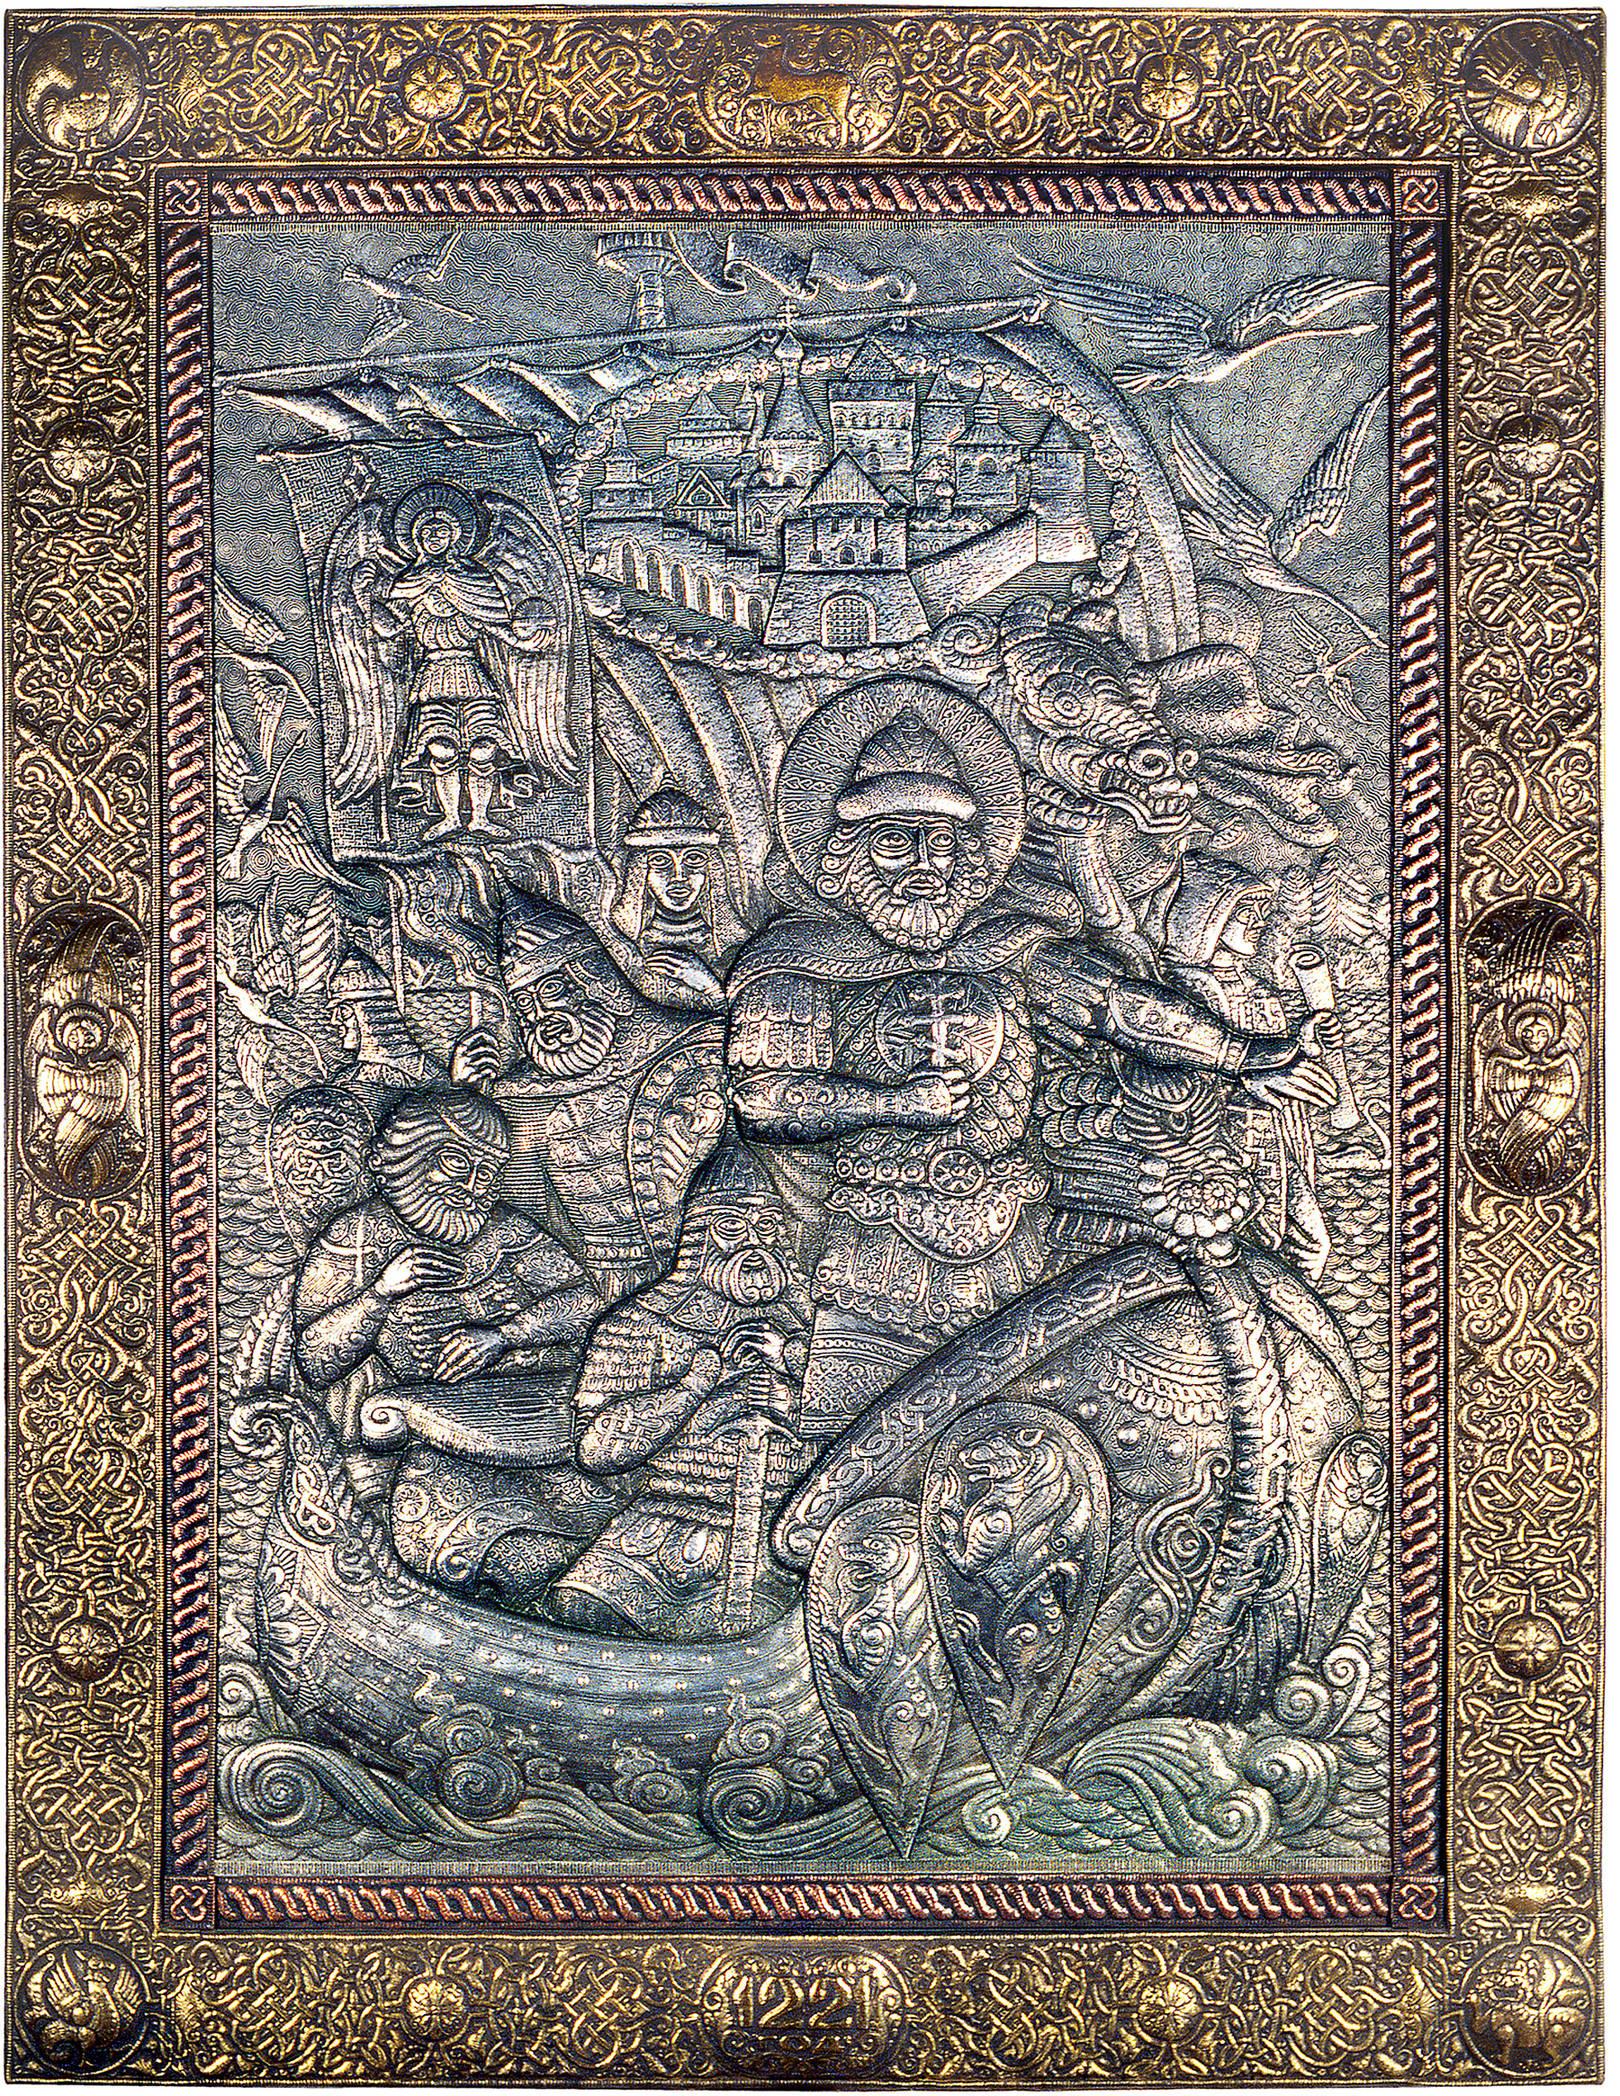 Нижегородская былина (панно) 1994 г. Алюминий, латунь, медь; чернение 150 х 117 см